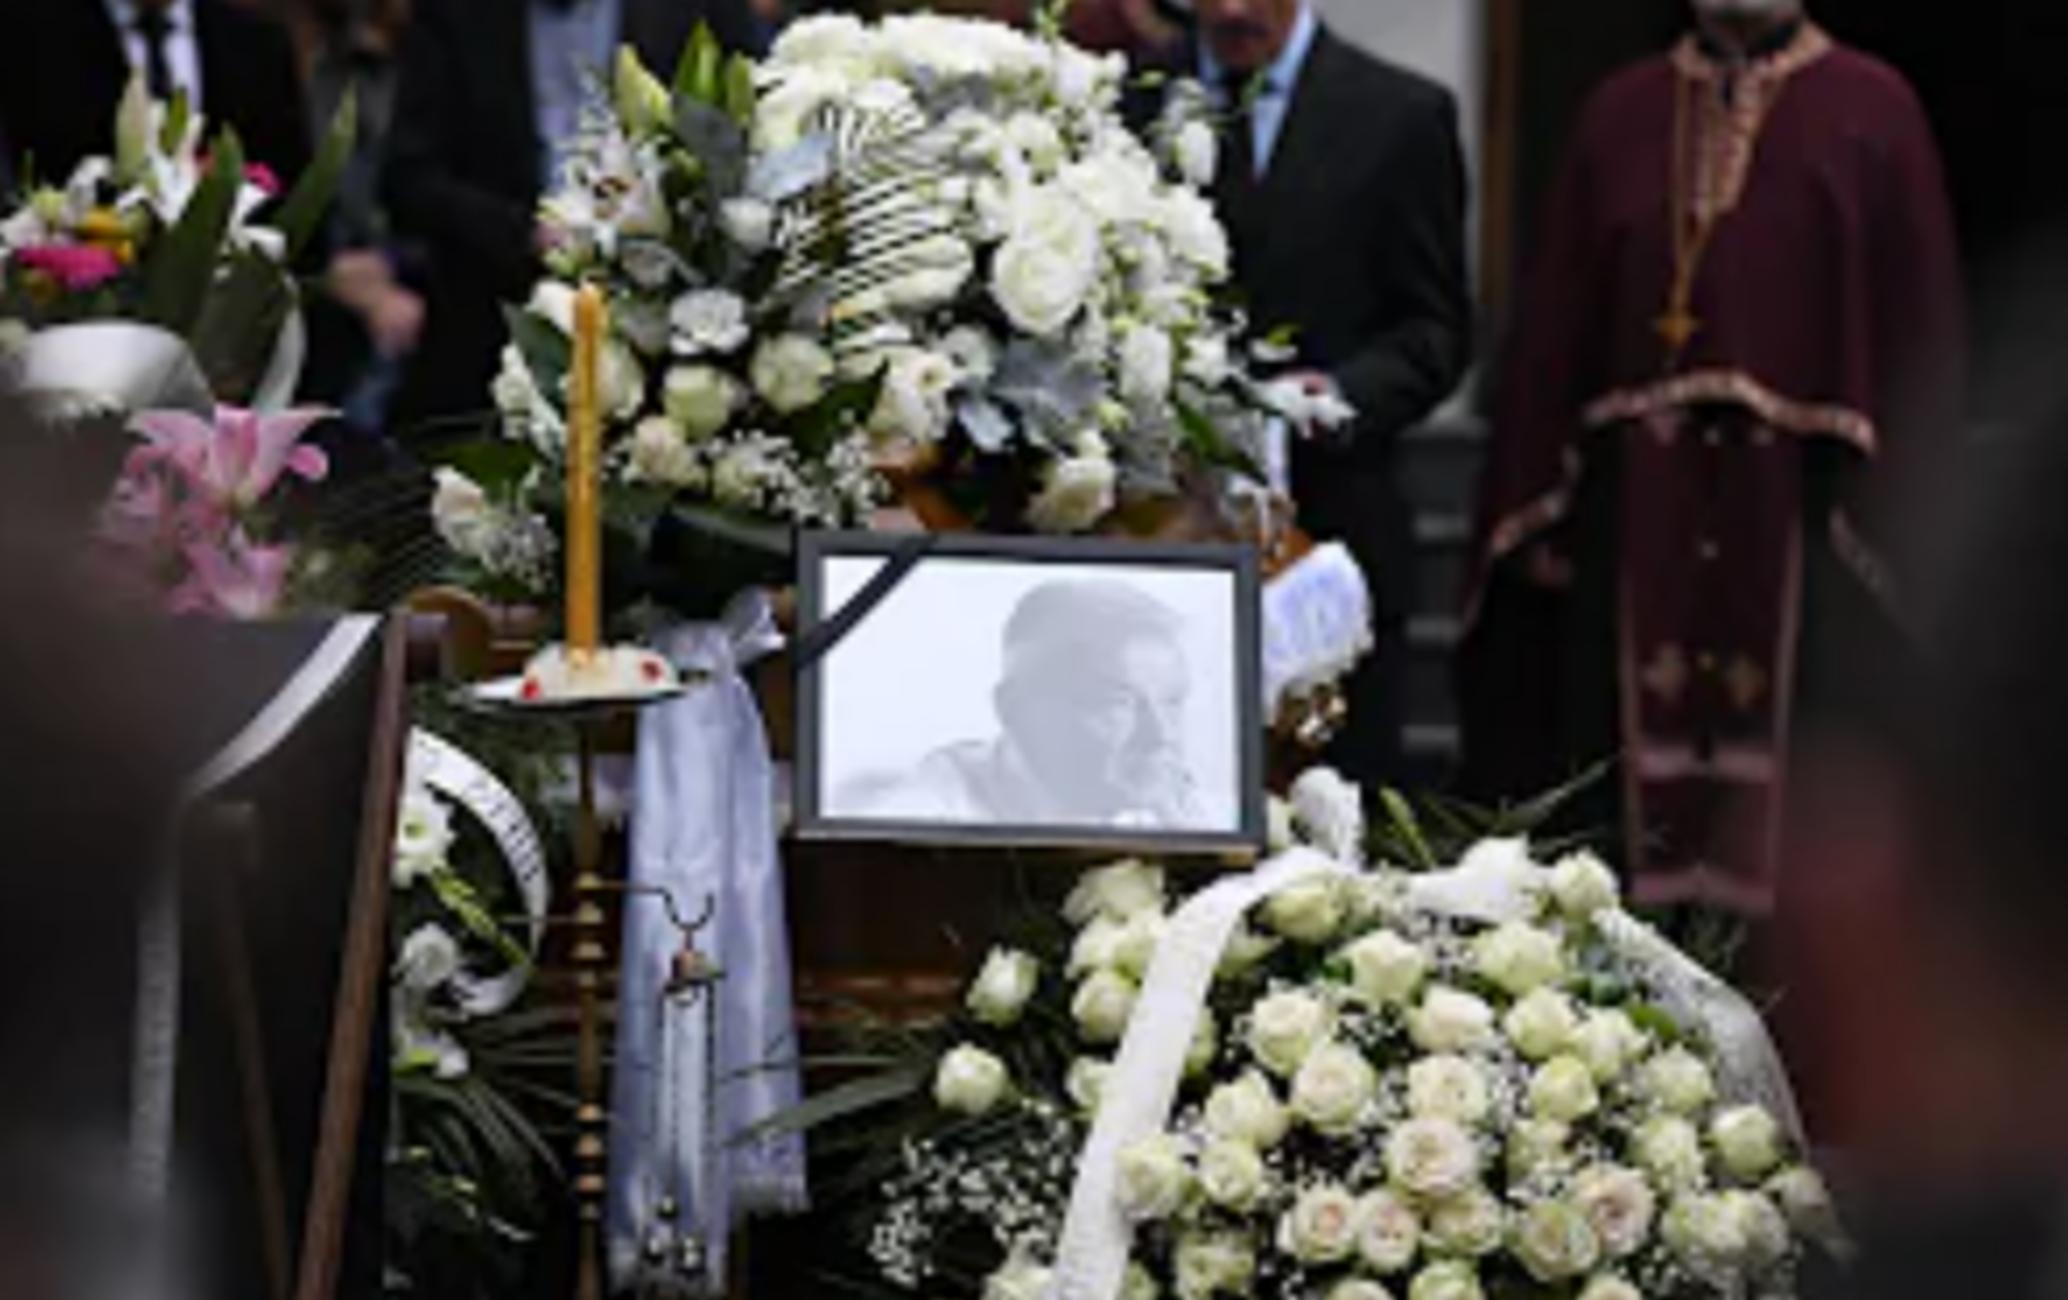 Κηδεία Ντούσαν Ίβκοβιτς: Σπανούλης και Αγγελόπουλοι είπαν το τελευταίο αντίο στον «Ντούντα»